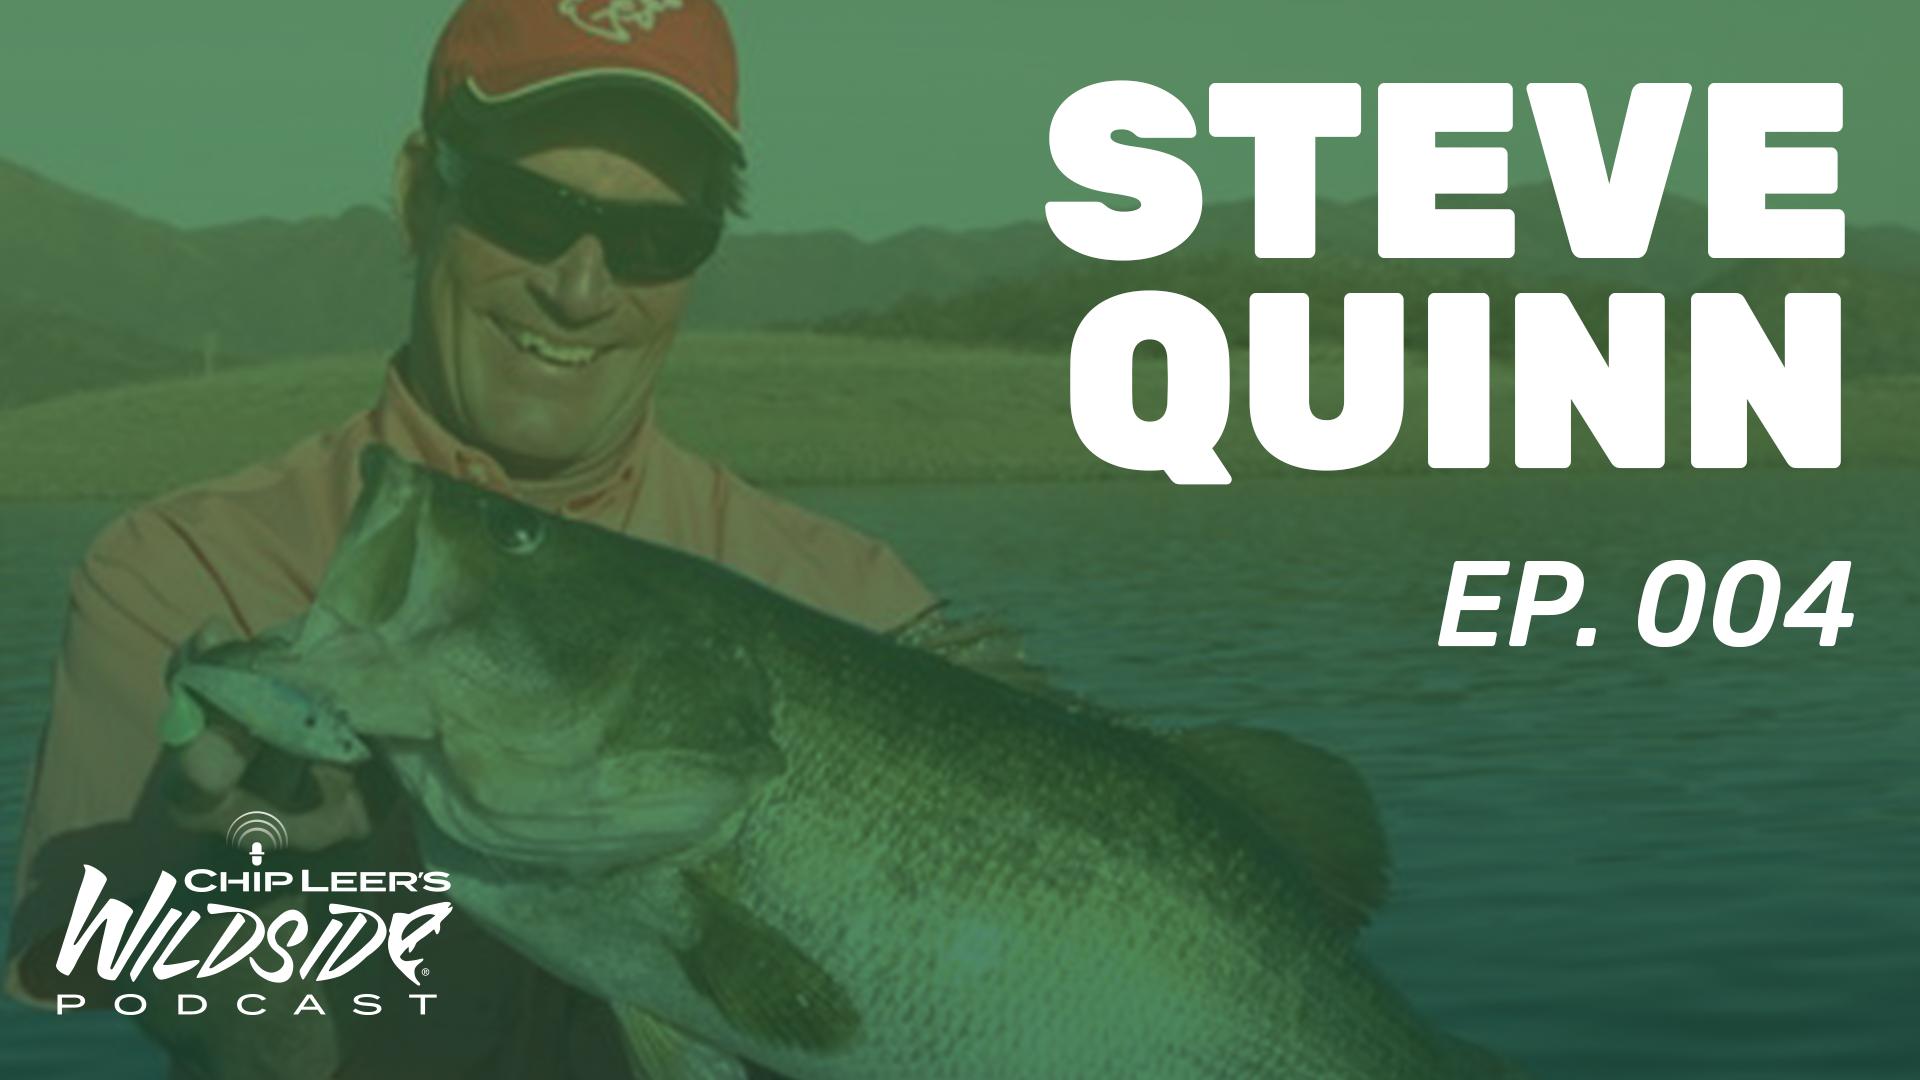 Steve Quinn Episode 4 podcast cover